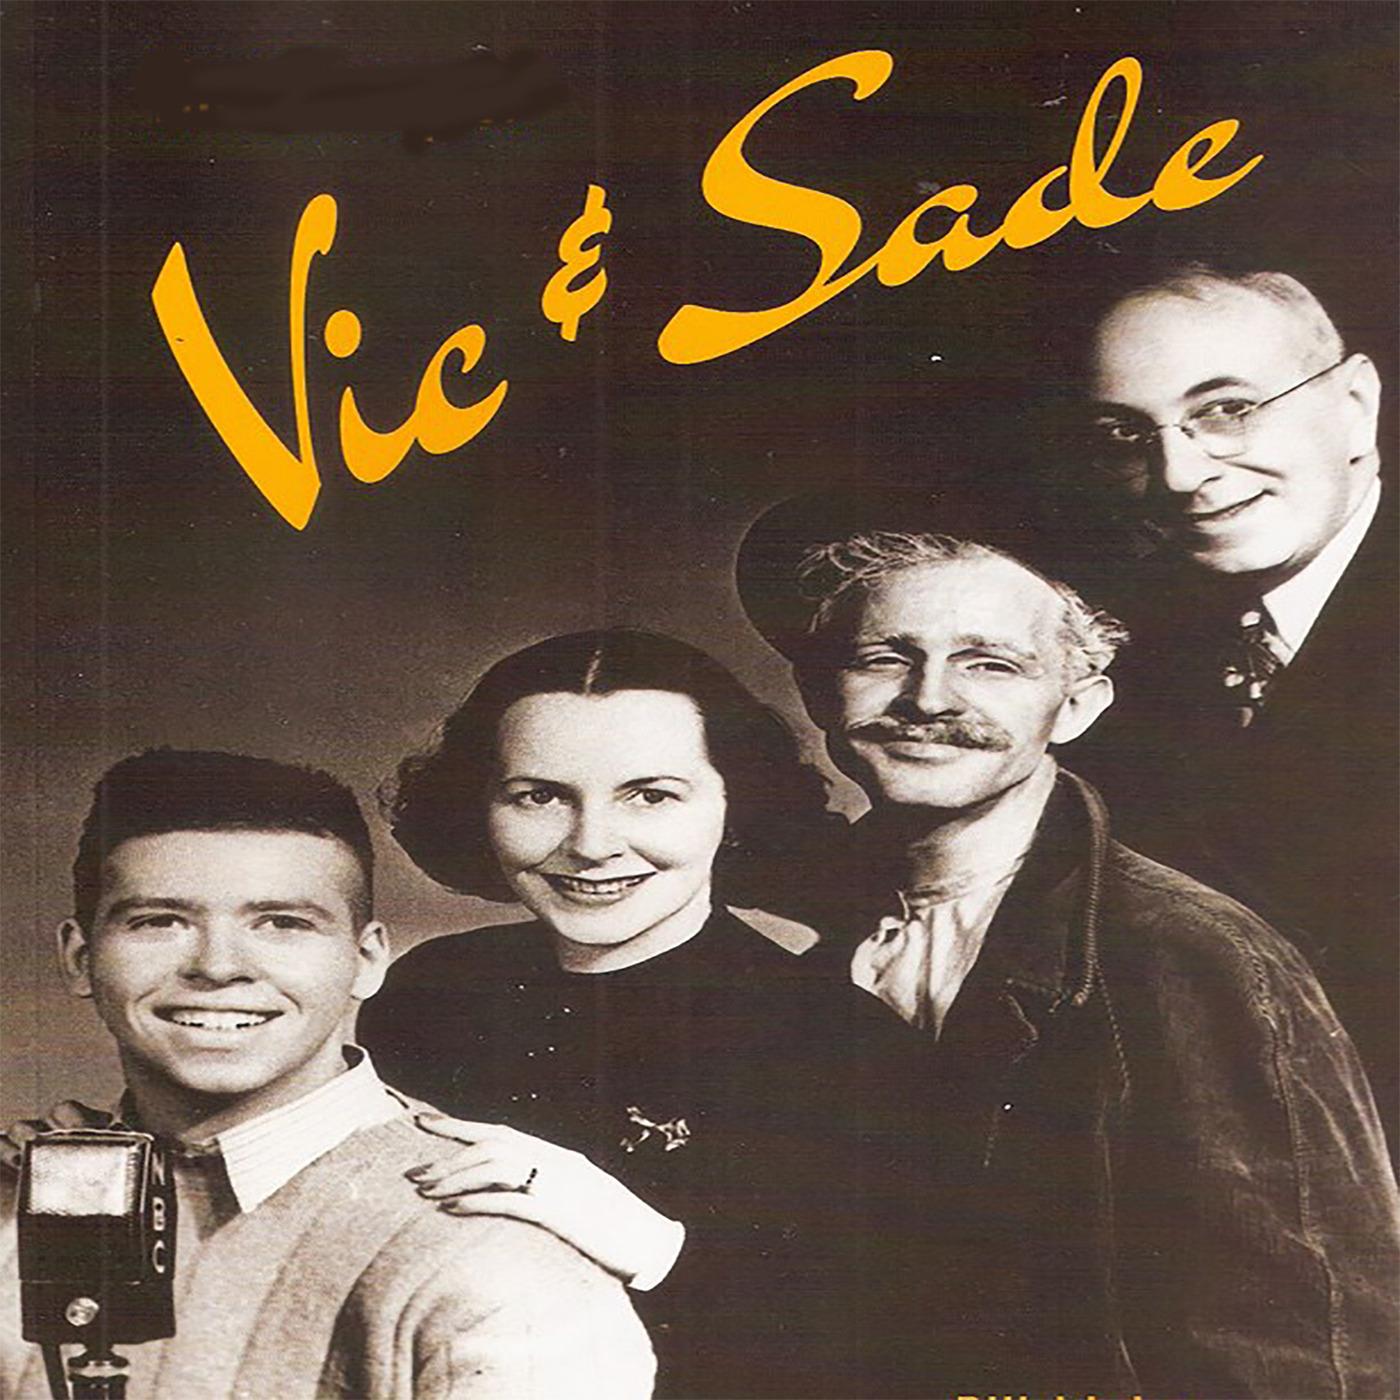 Vic and Sade